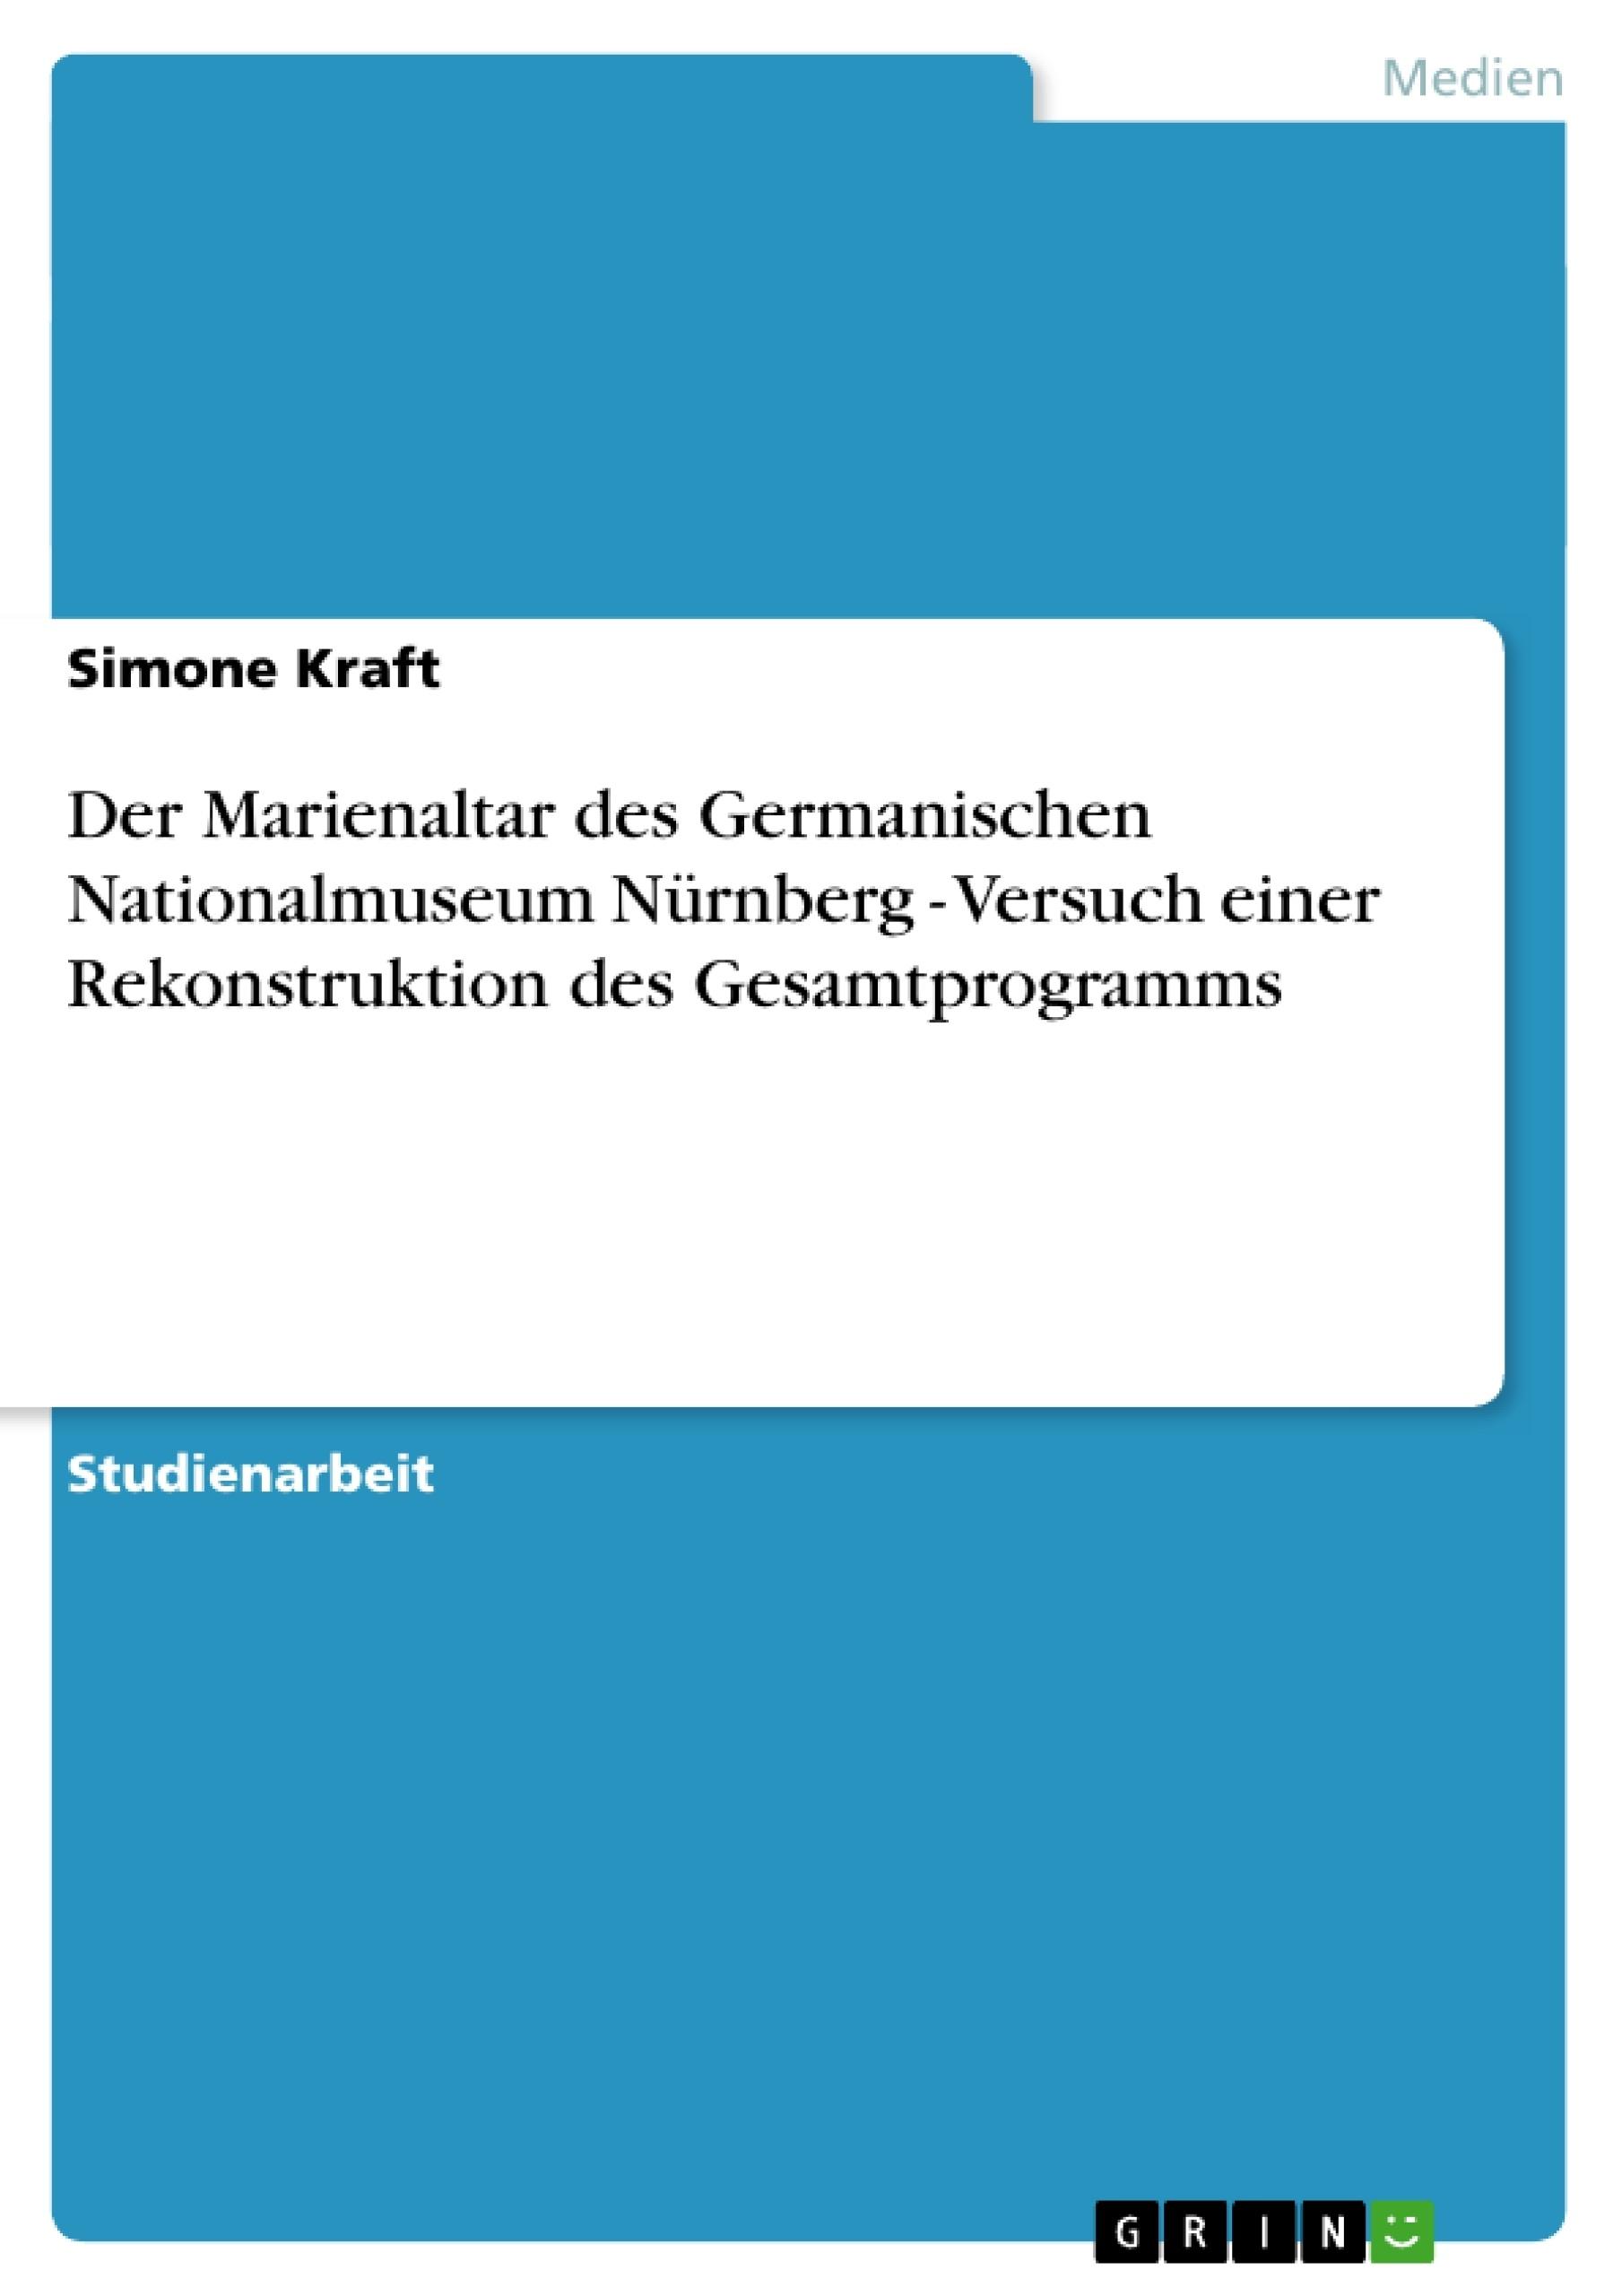 Titel: Der Marienaltar des Germanischen Nationalmuseum Nürnberg - Versuch einer Rekonstruktion des Gesamtprogramms